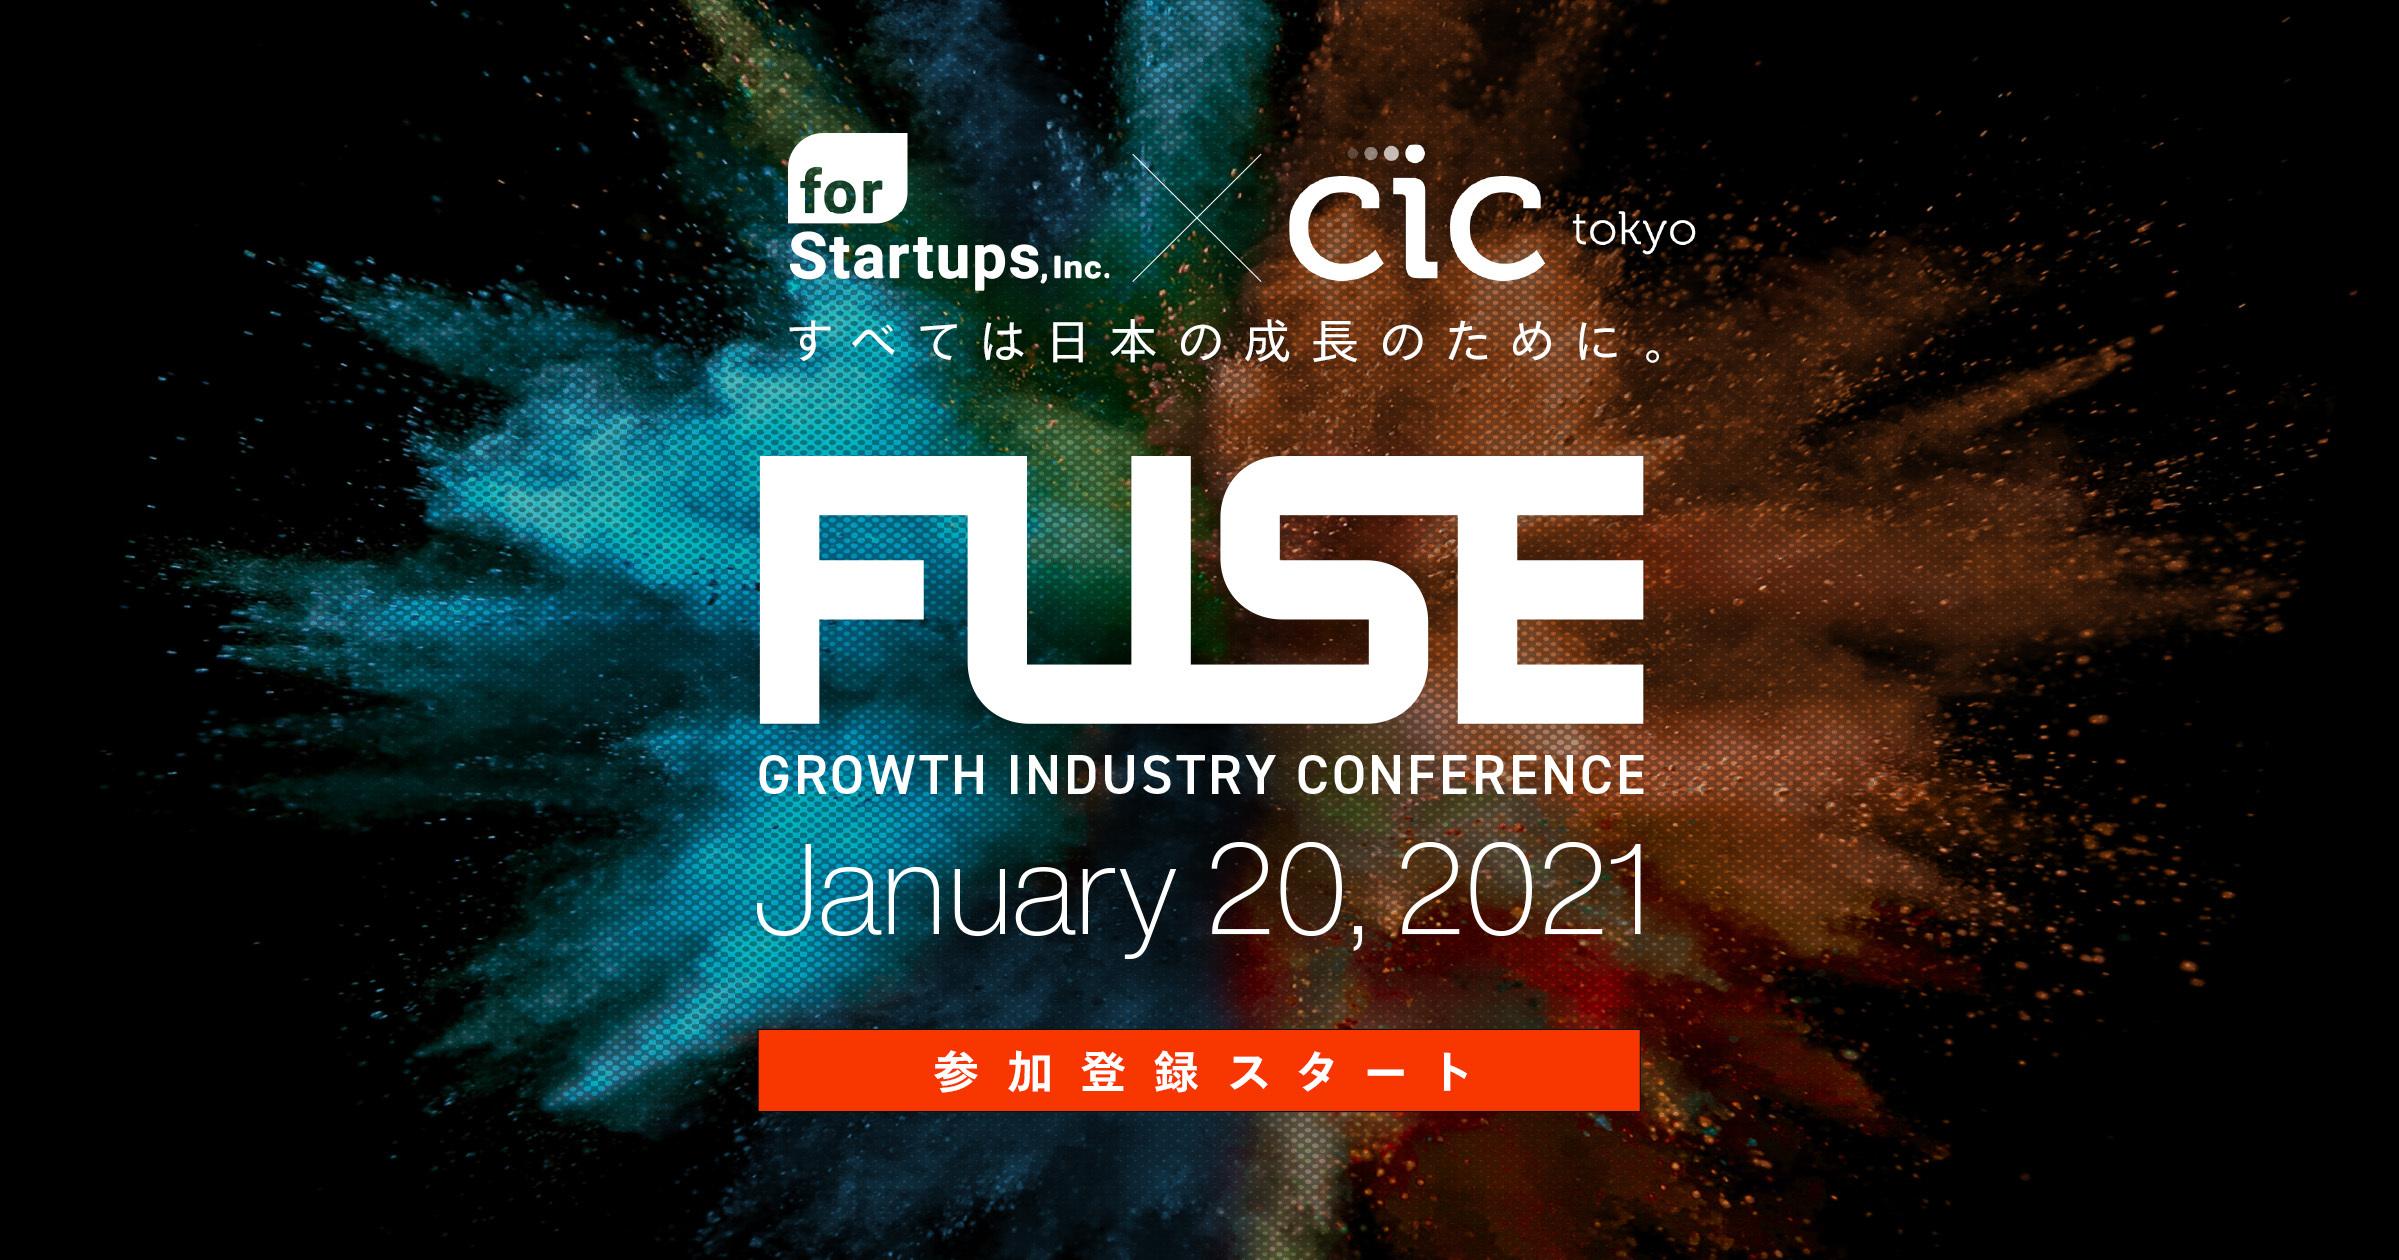 """すべては日本の成長のために。2021年1月20日開催 """"成長産業カンファレンス『FUSE』"""" 参加申込開始!"""